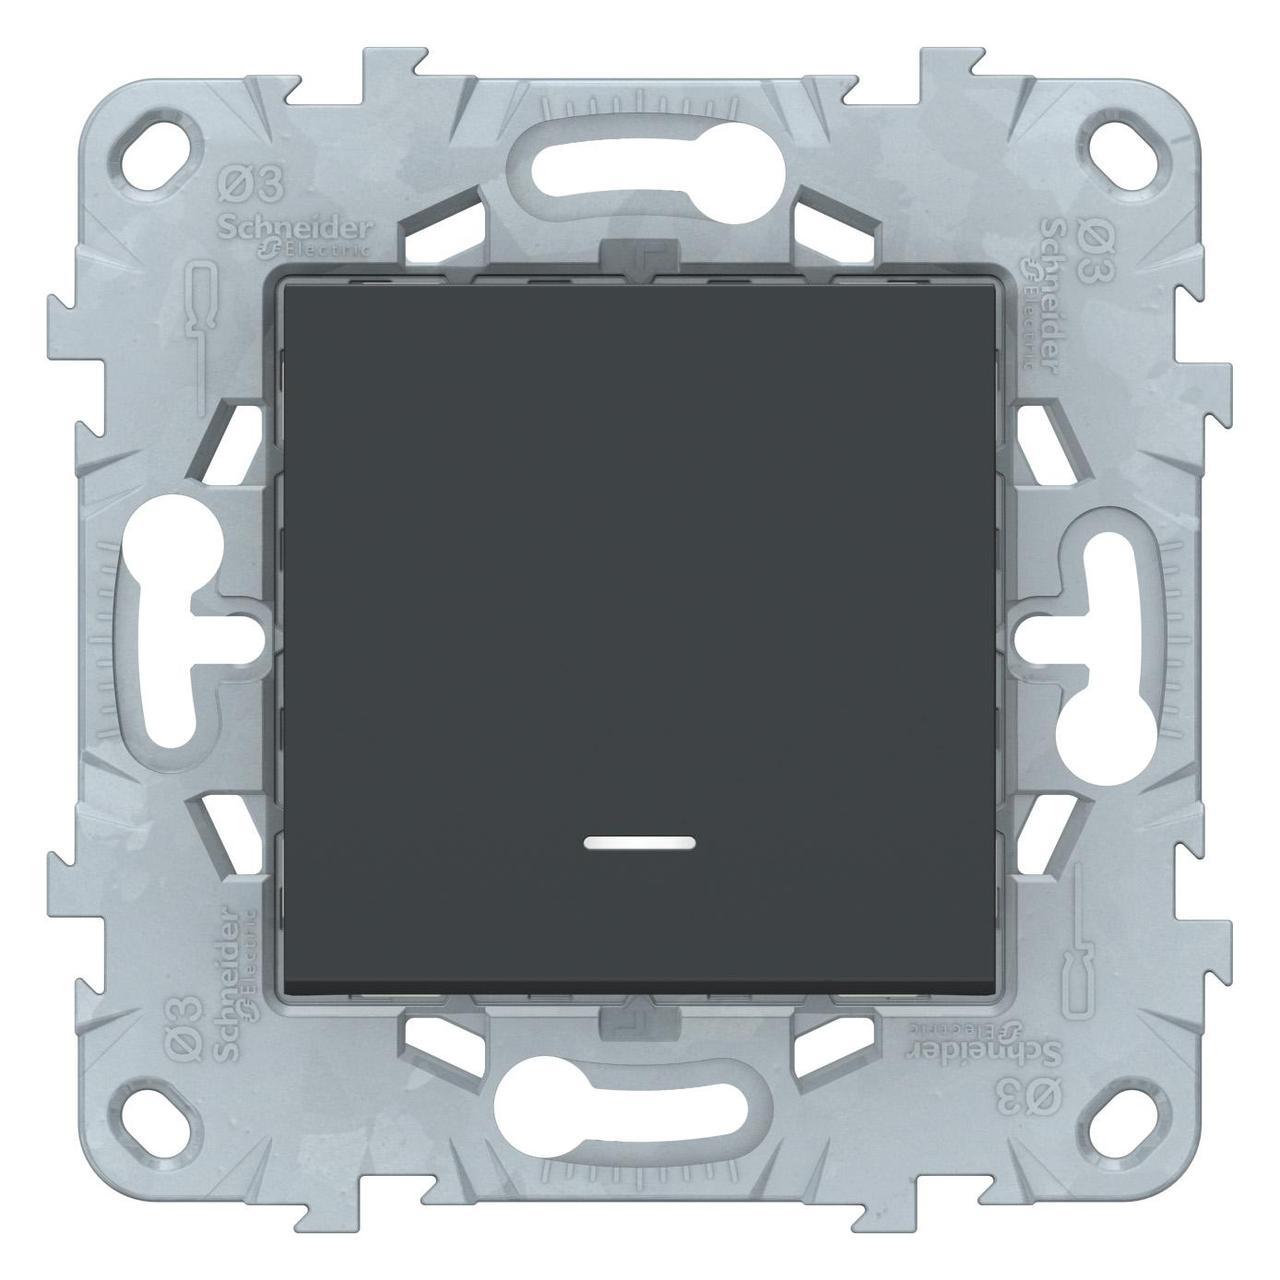 Выключатель 1-клавишный ,проходной с подсветкой (с двух мест) , Антрацит, серия Unica New, Schneider Electric